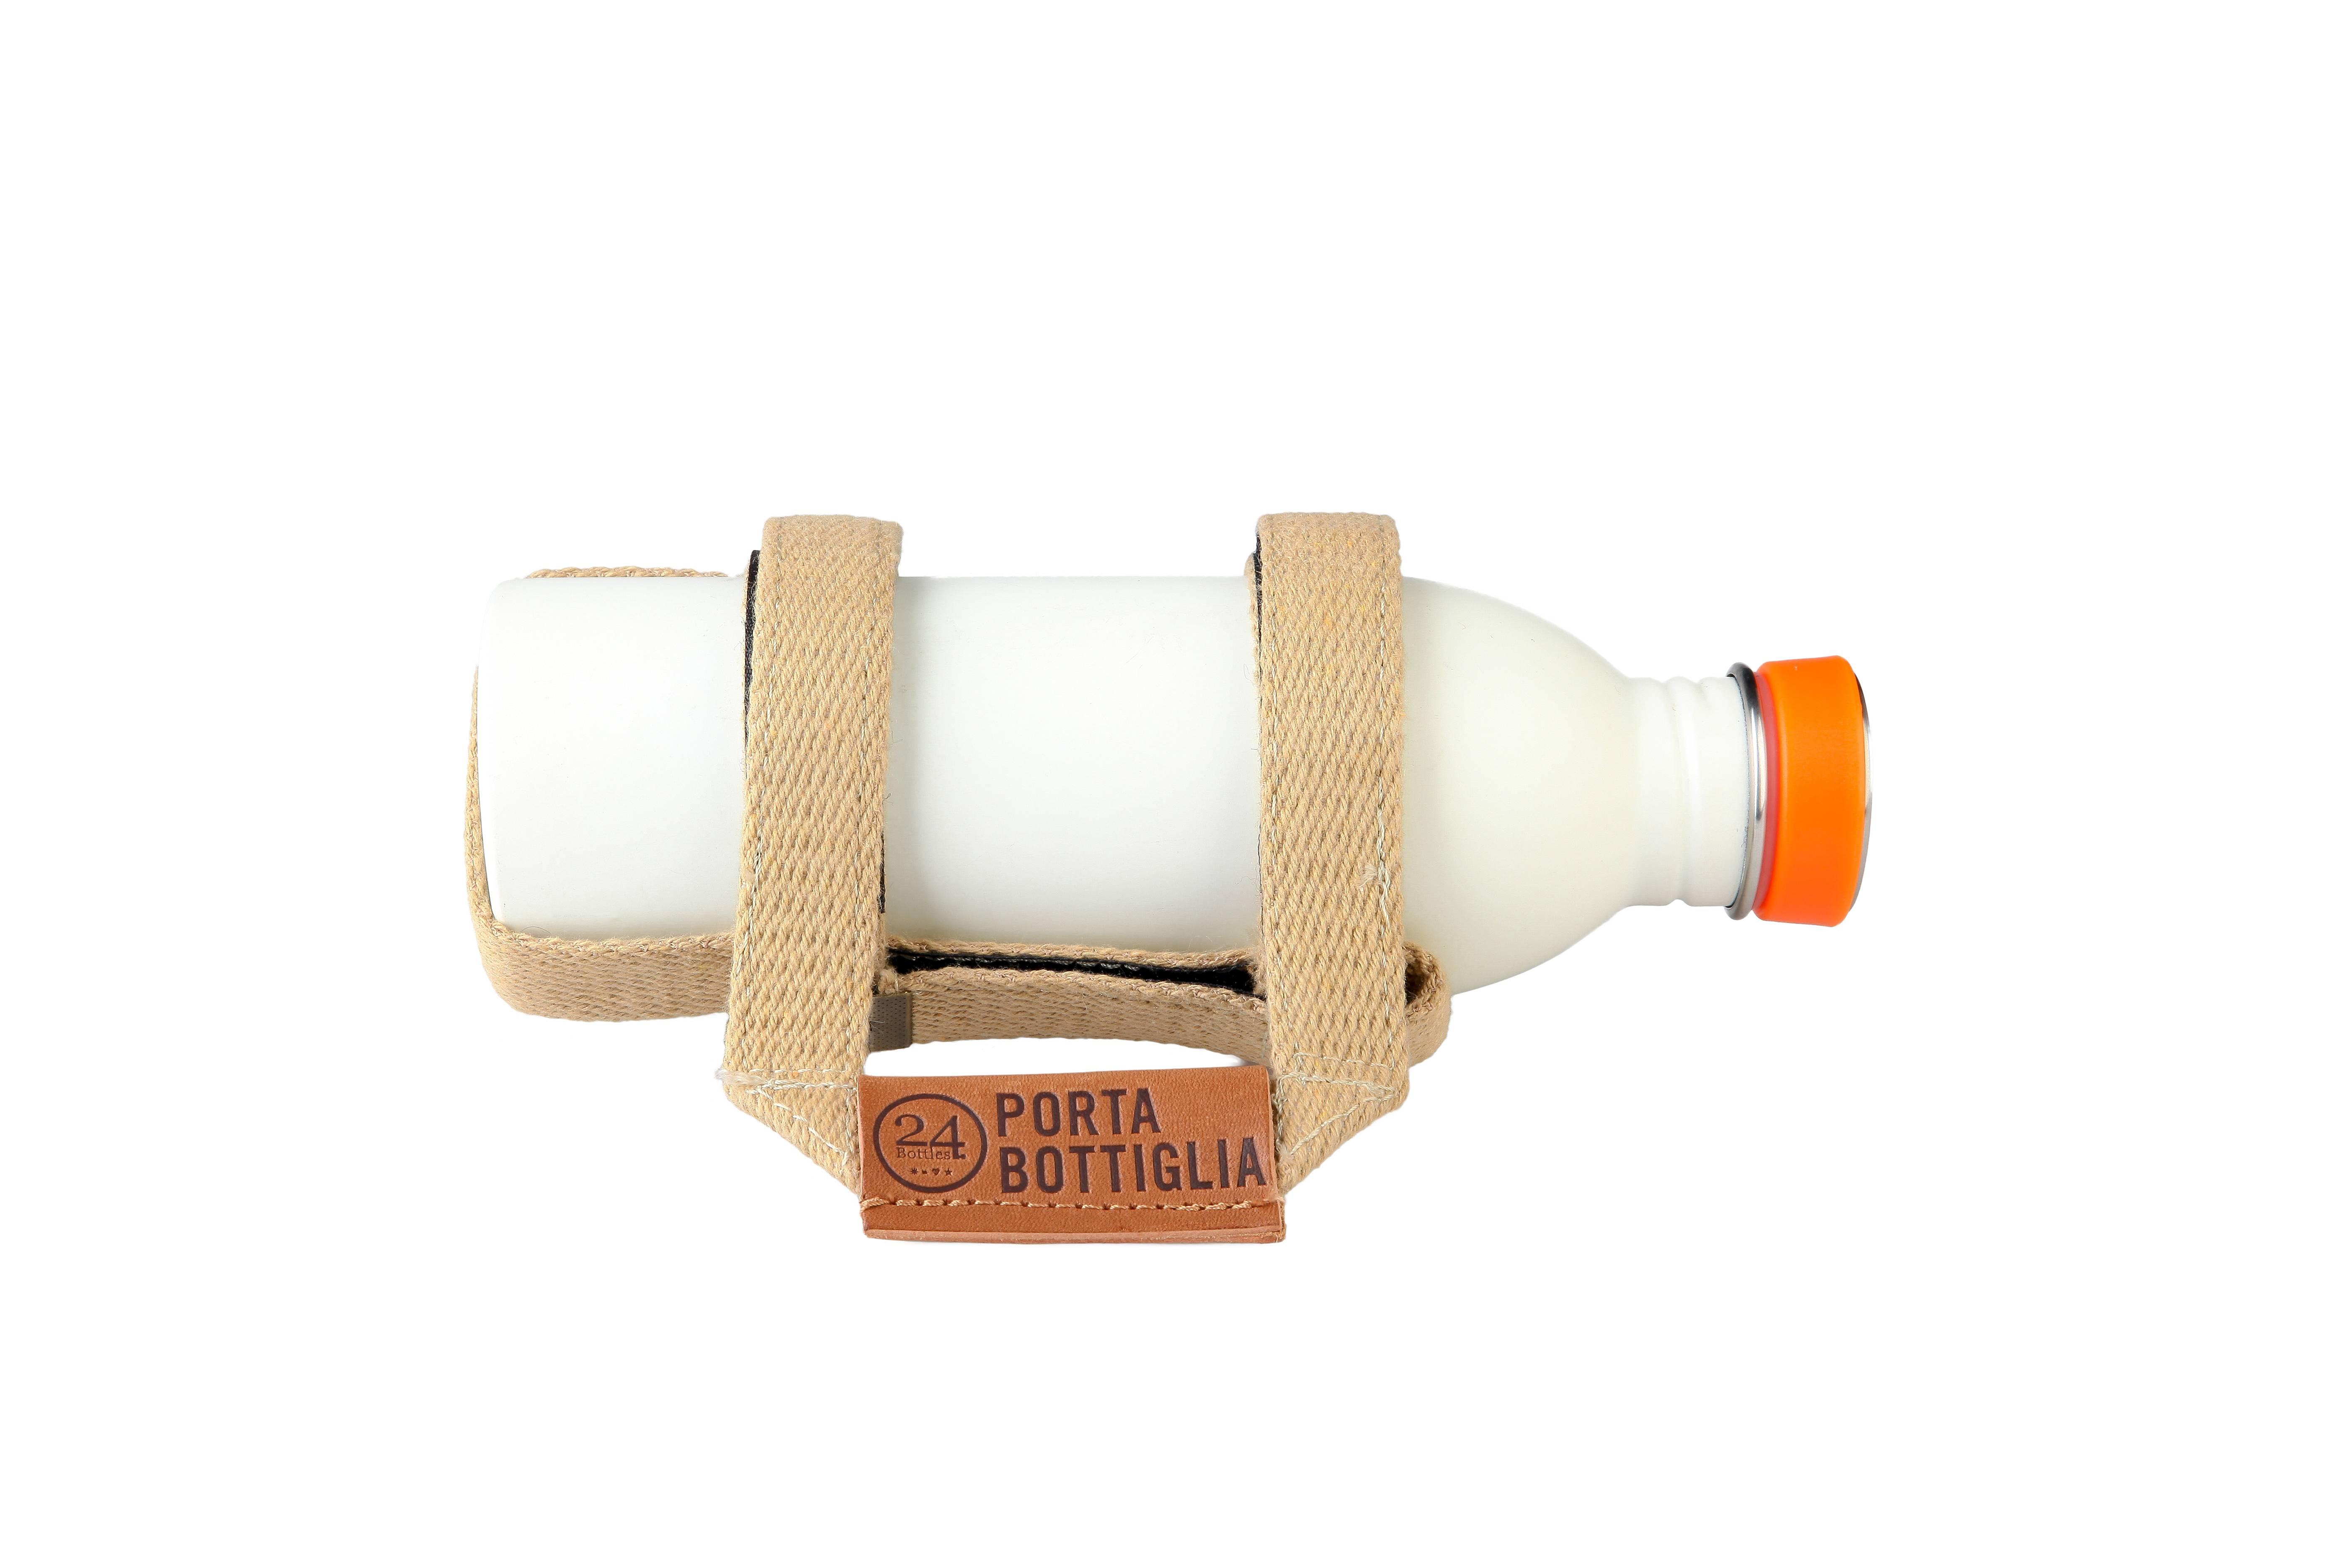 Flaskeholder - Porta Bottiglia - Sabbia